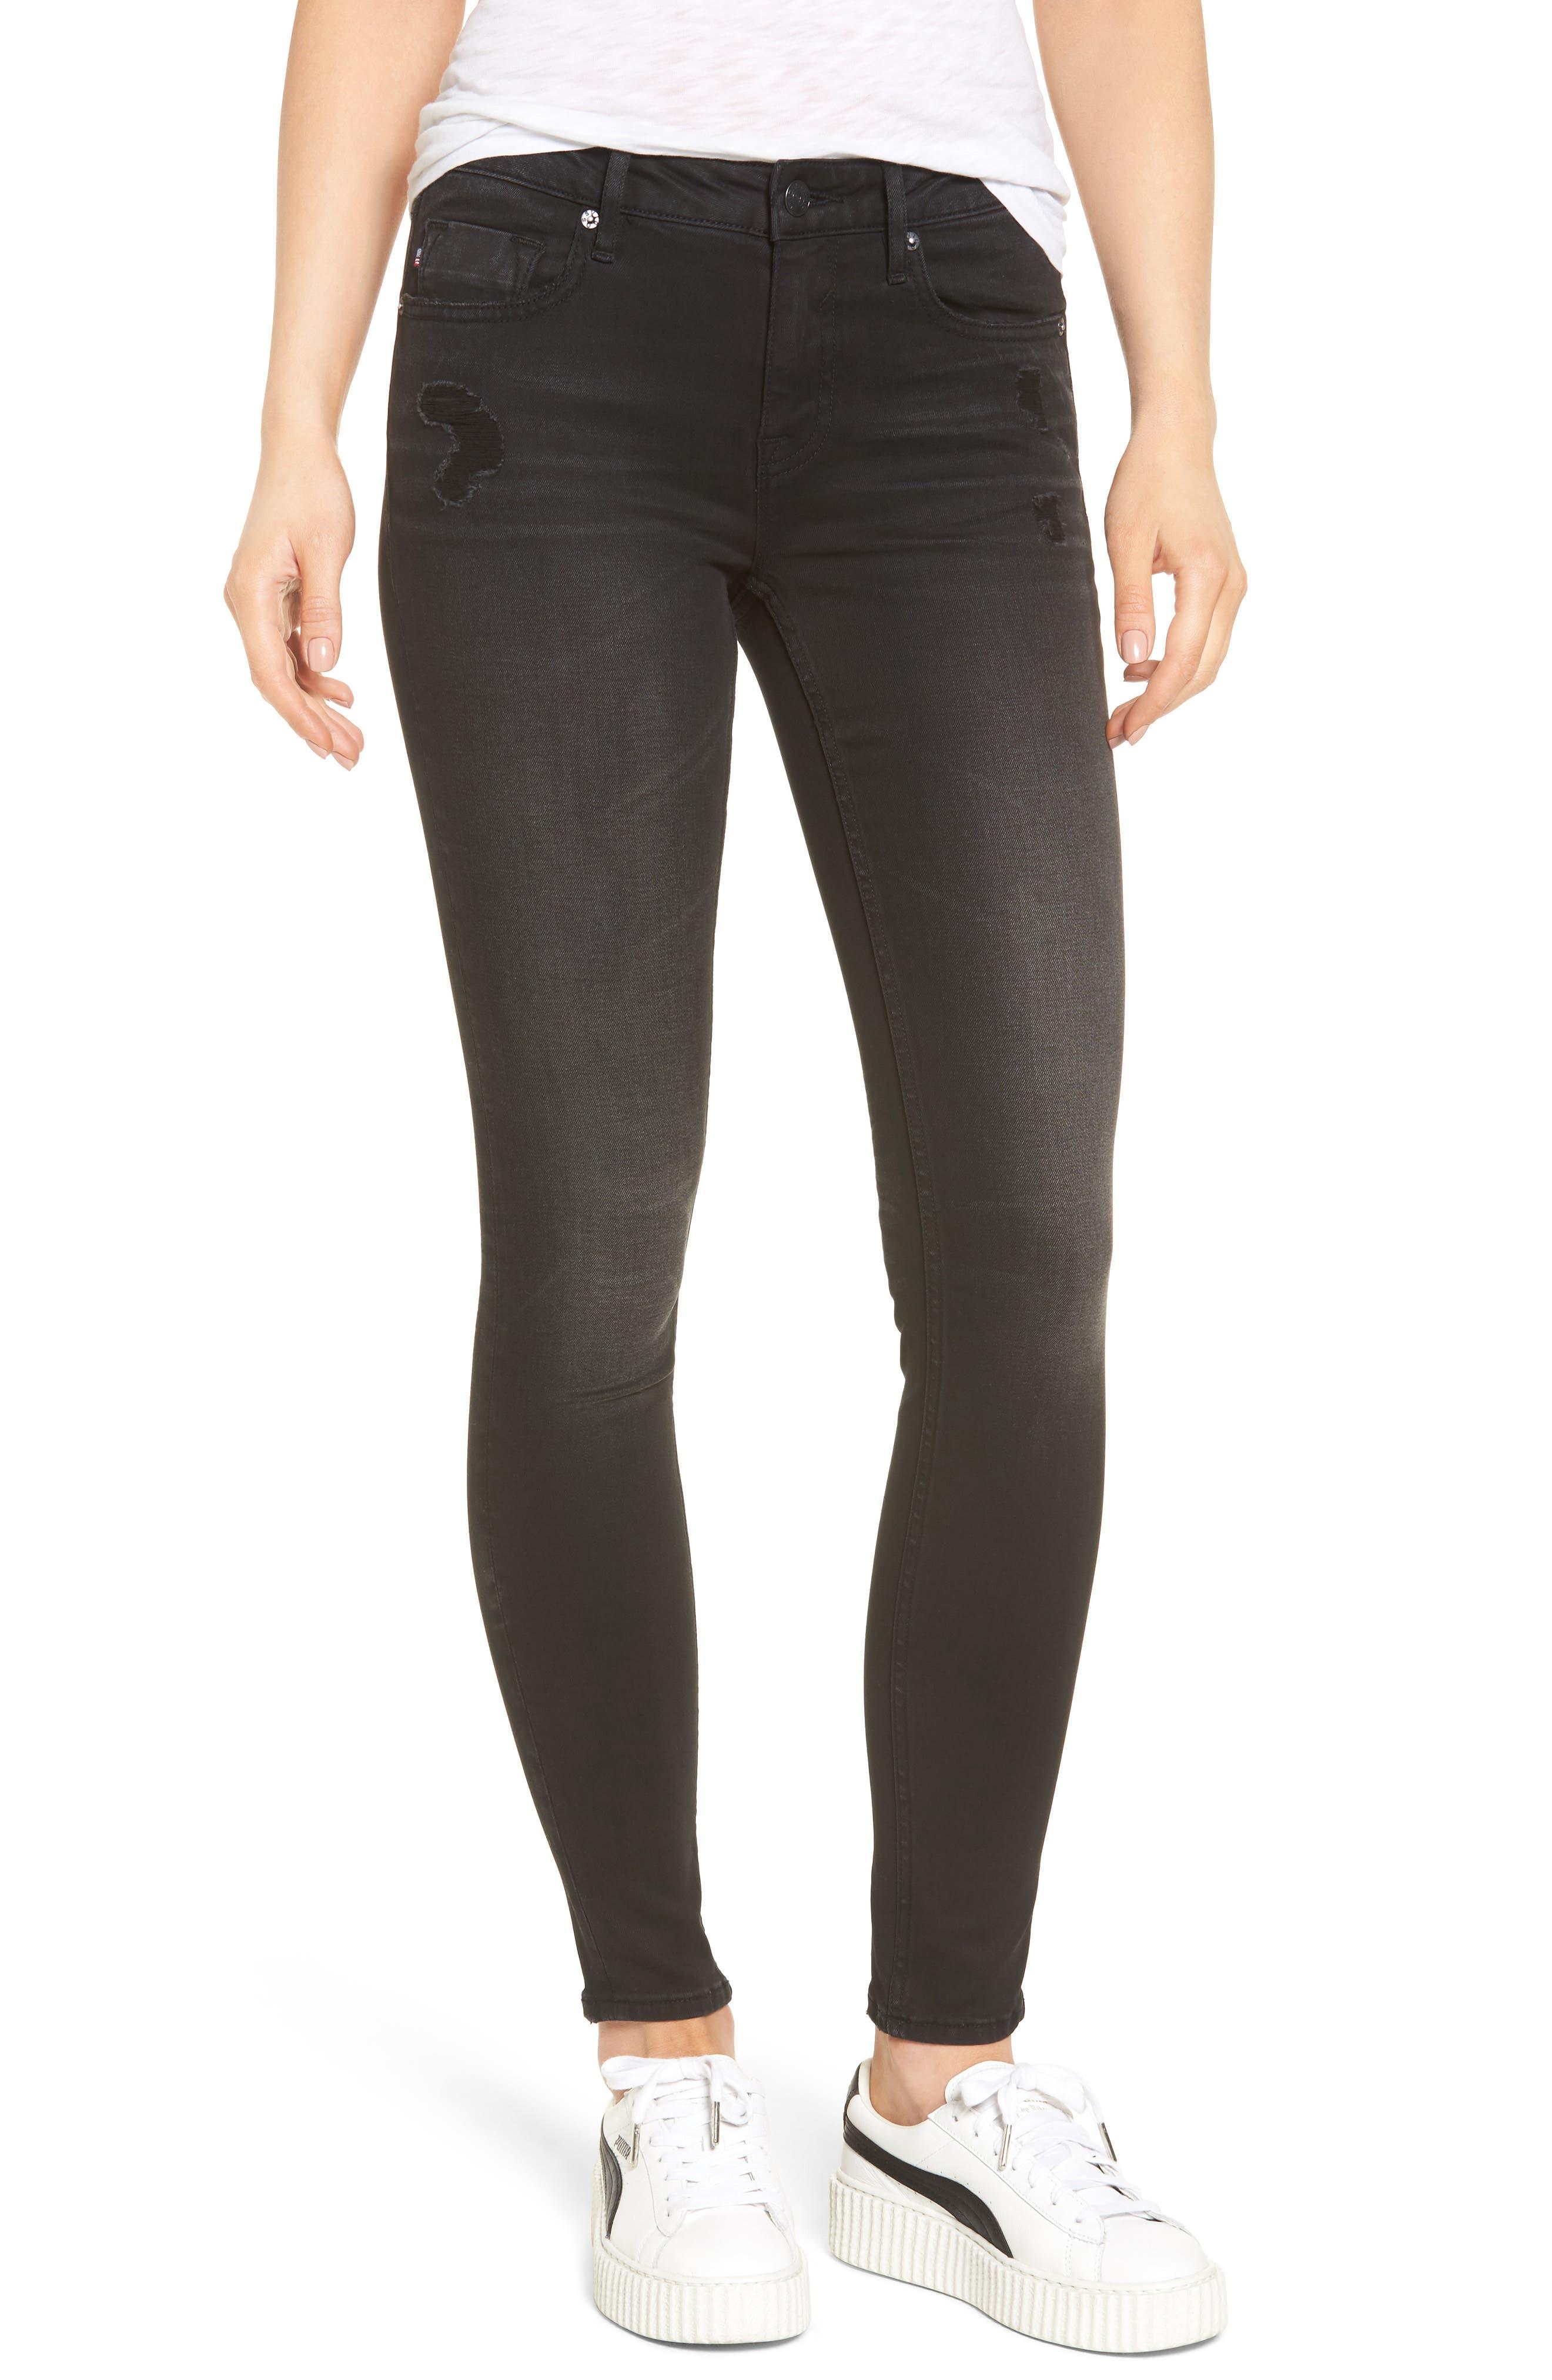 Vigoss Jagger Washed Skinny Jeans (Washed Black)